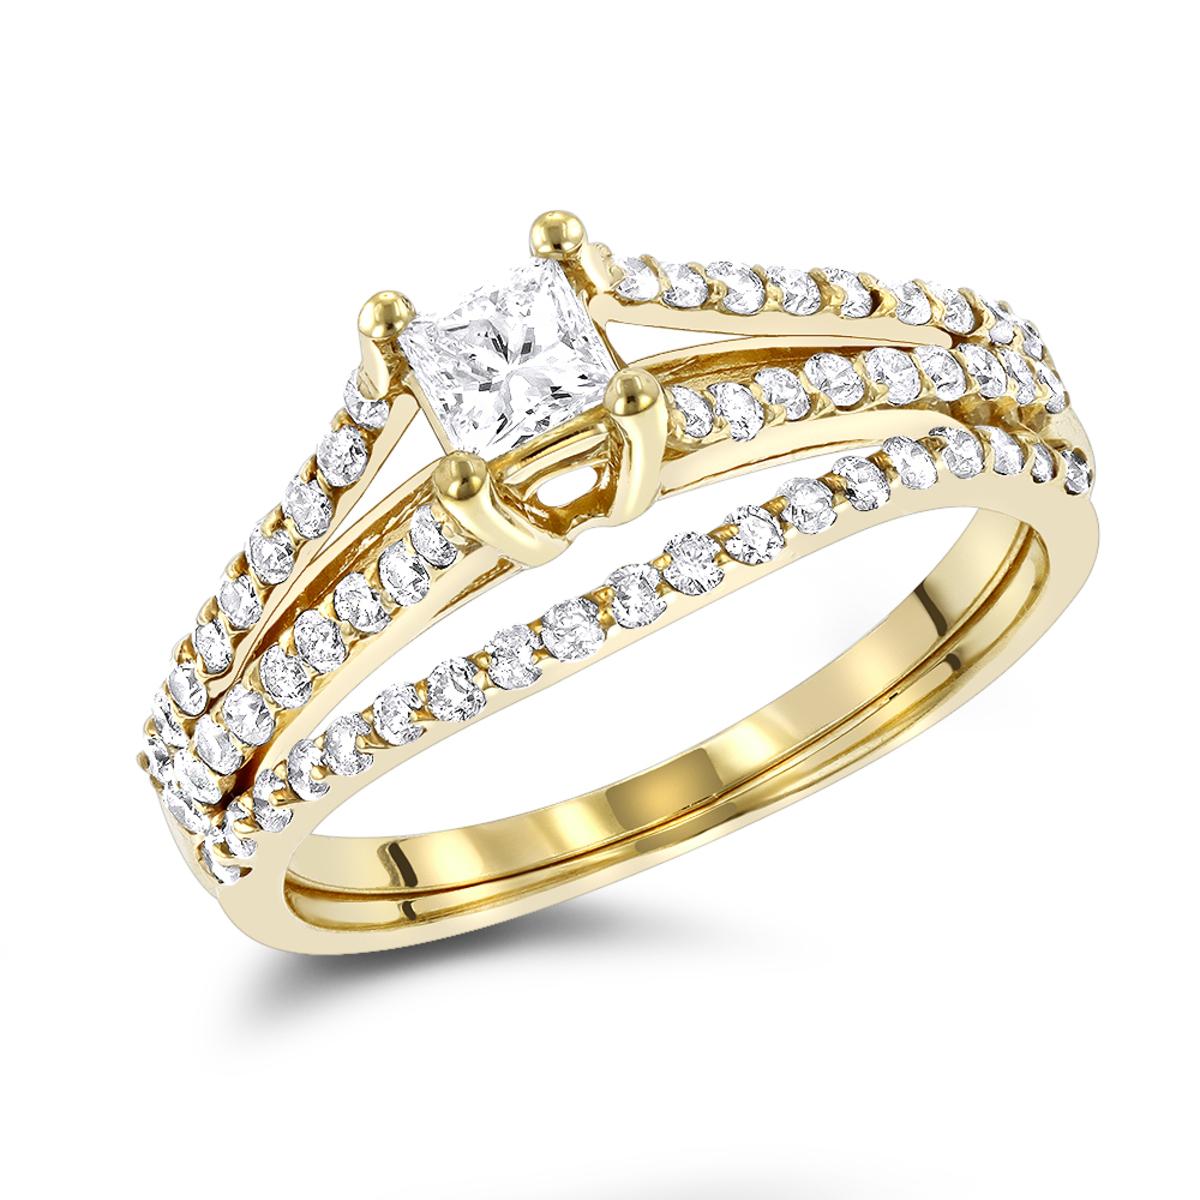 14K Gold Unique Diamond Engagement Ring Set 0.61ct